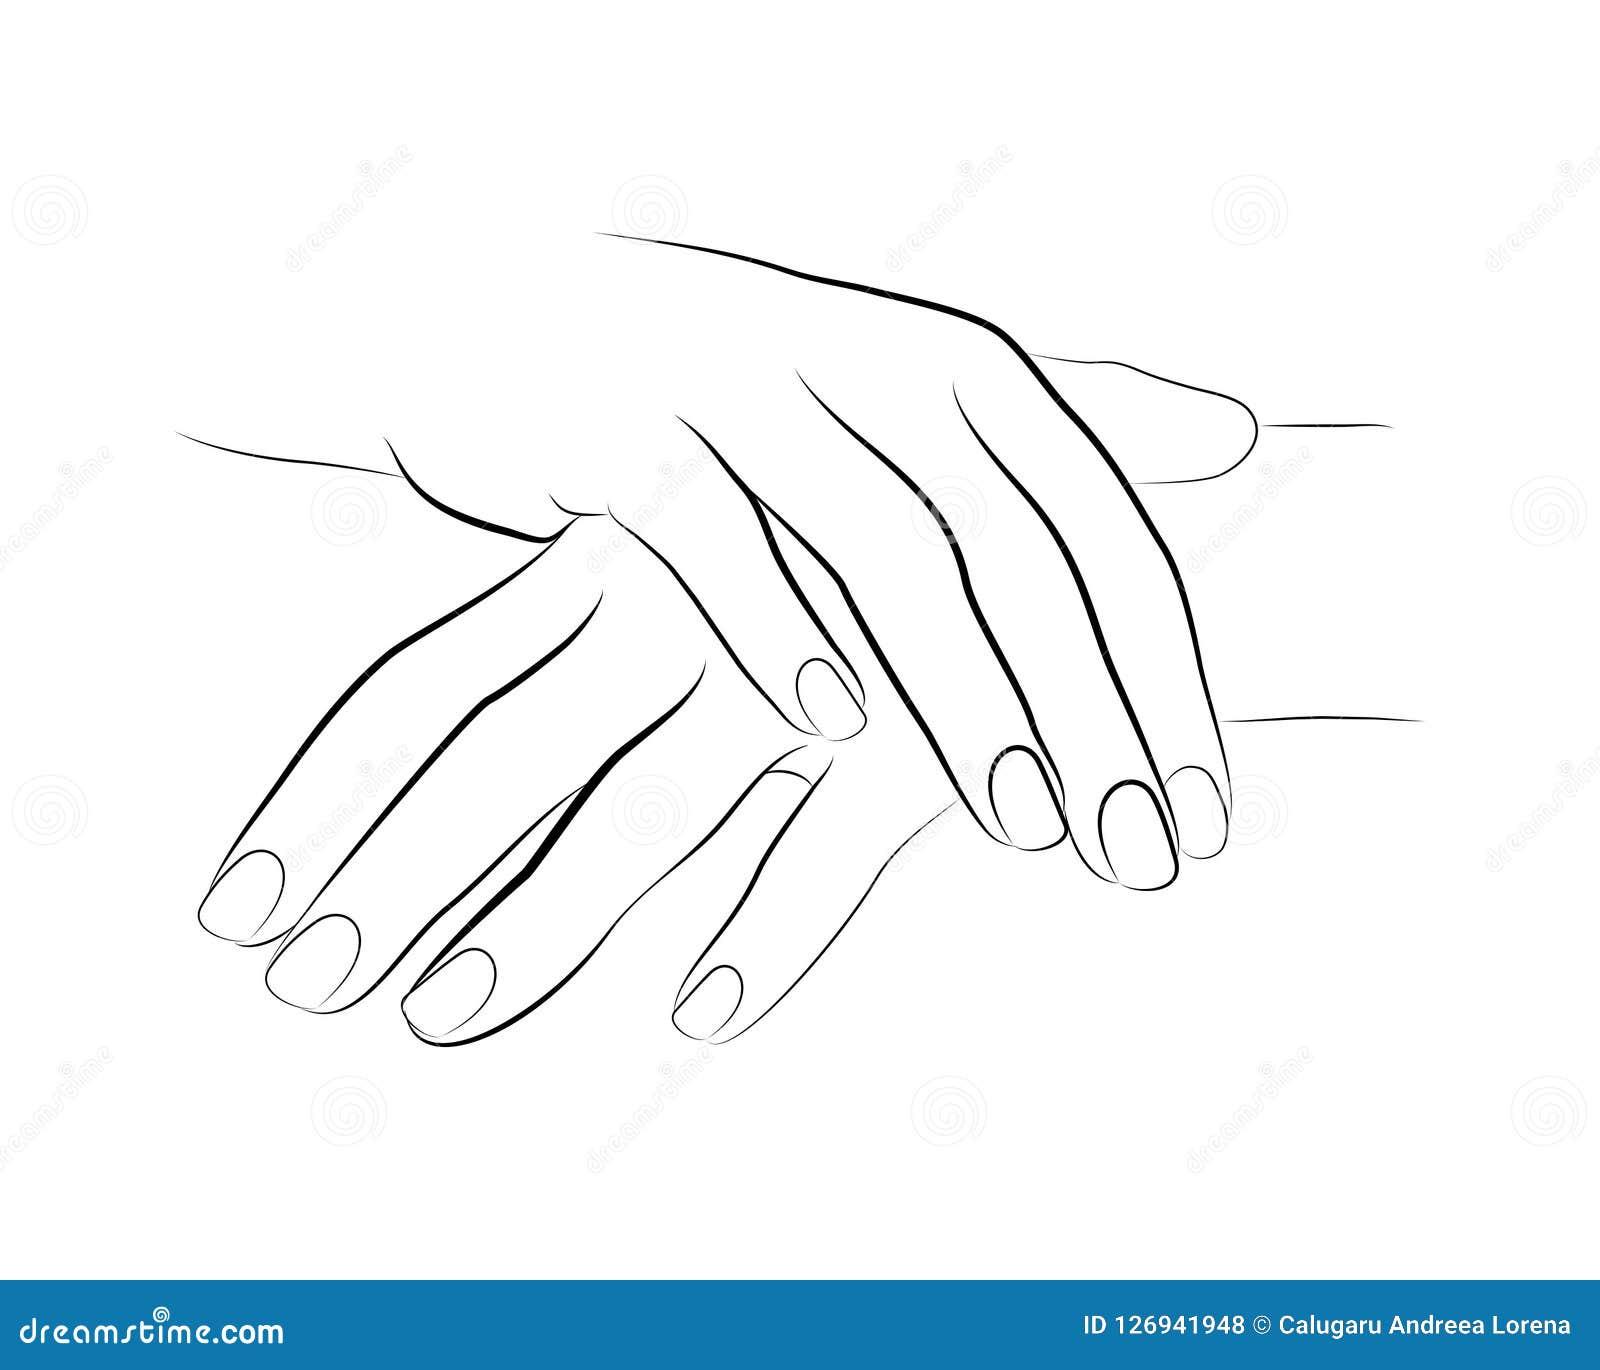 2 Hands Linework Manicure Vector Stock Vector ...